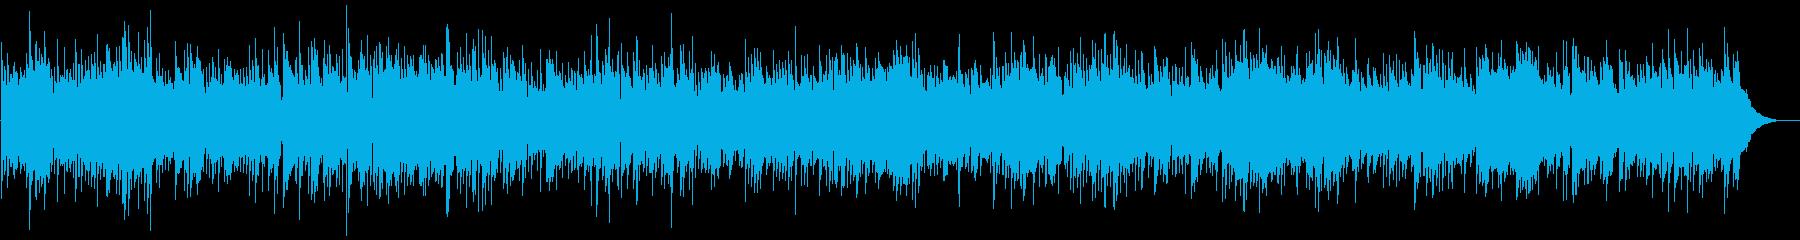 オールドカントリー調バラードの再生済みの波形